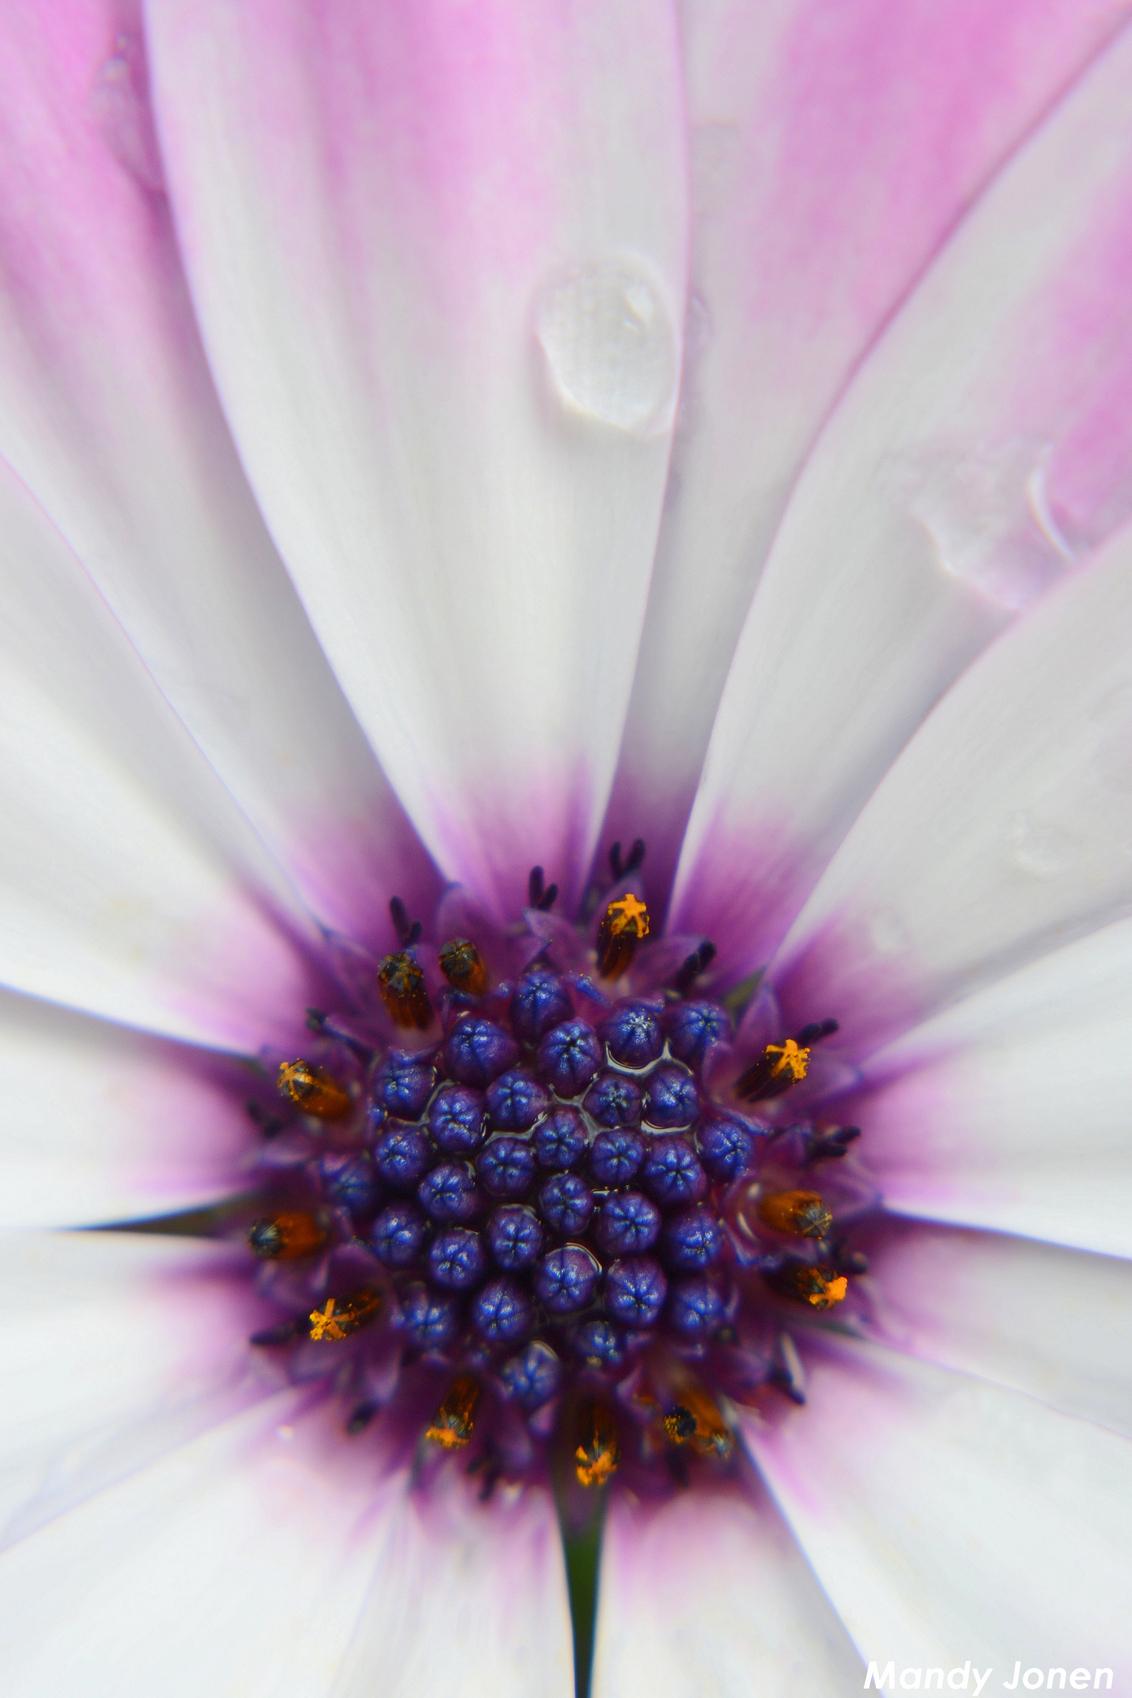 Flower Power - Deze foto is gemaakt met een macro filter. - foto door Mandiee op 25-06-2015 - deze foto bevat: roze, macro, bloem, druppel